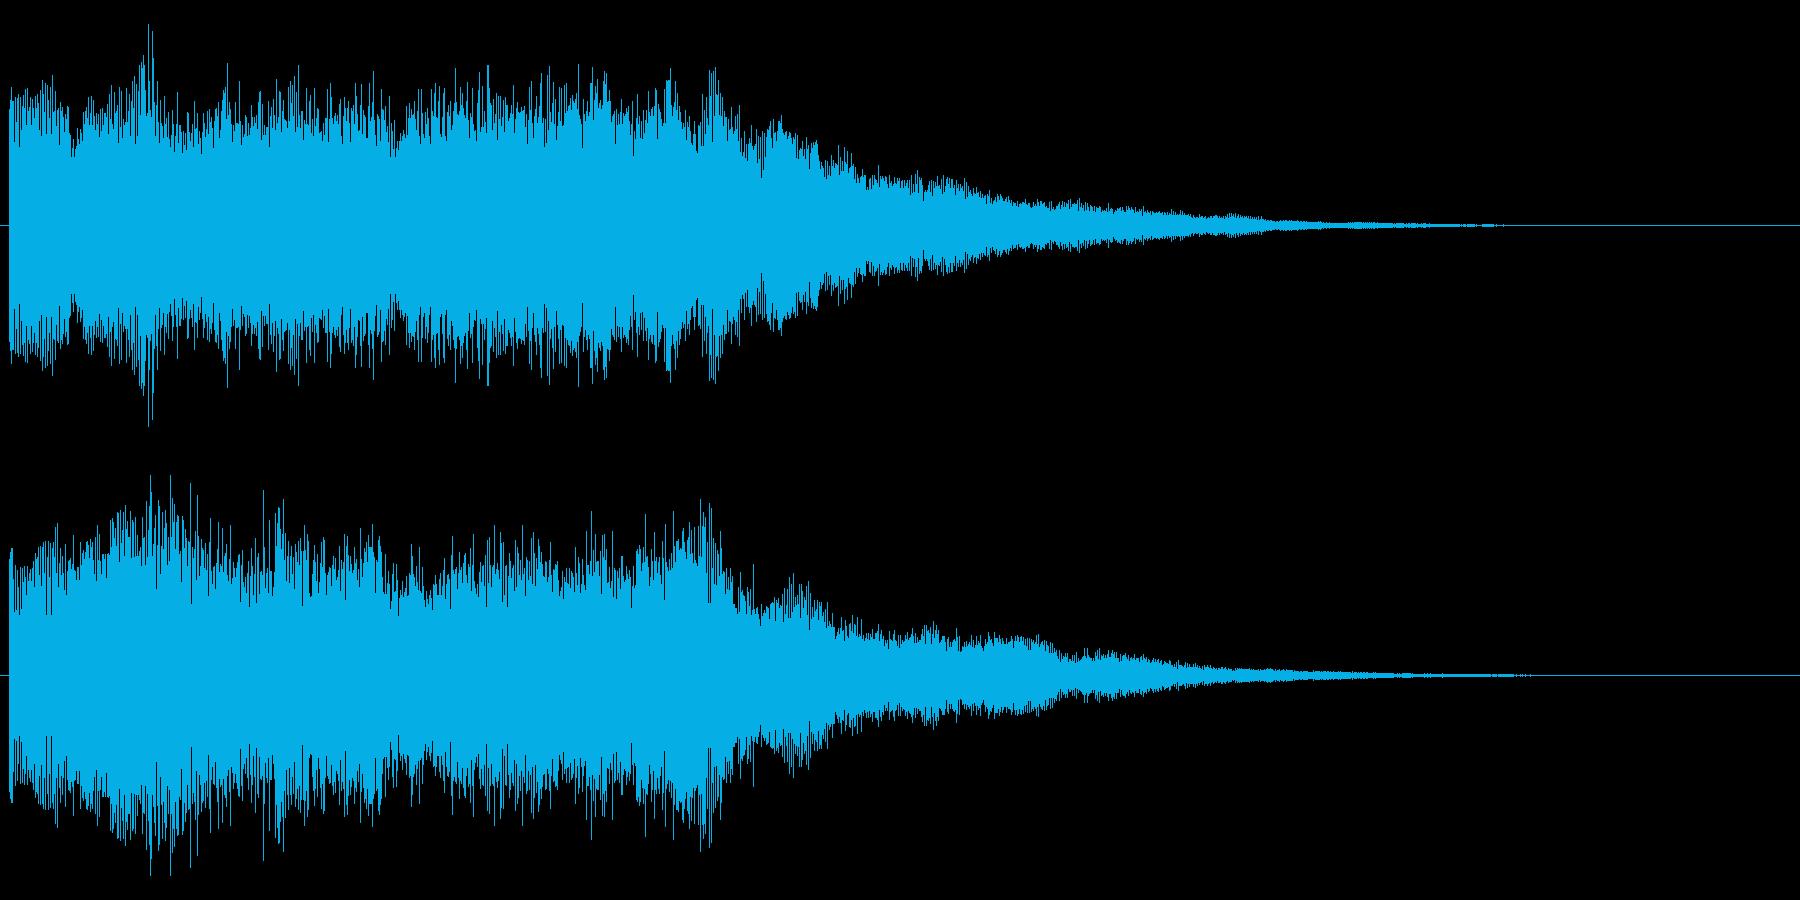 ゲームクリア 場面転換 シーンの切り替えの再生済みの波形